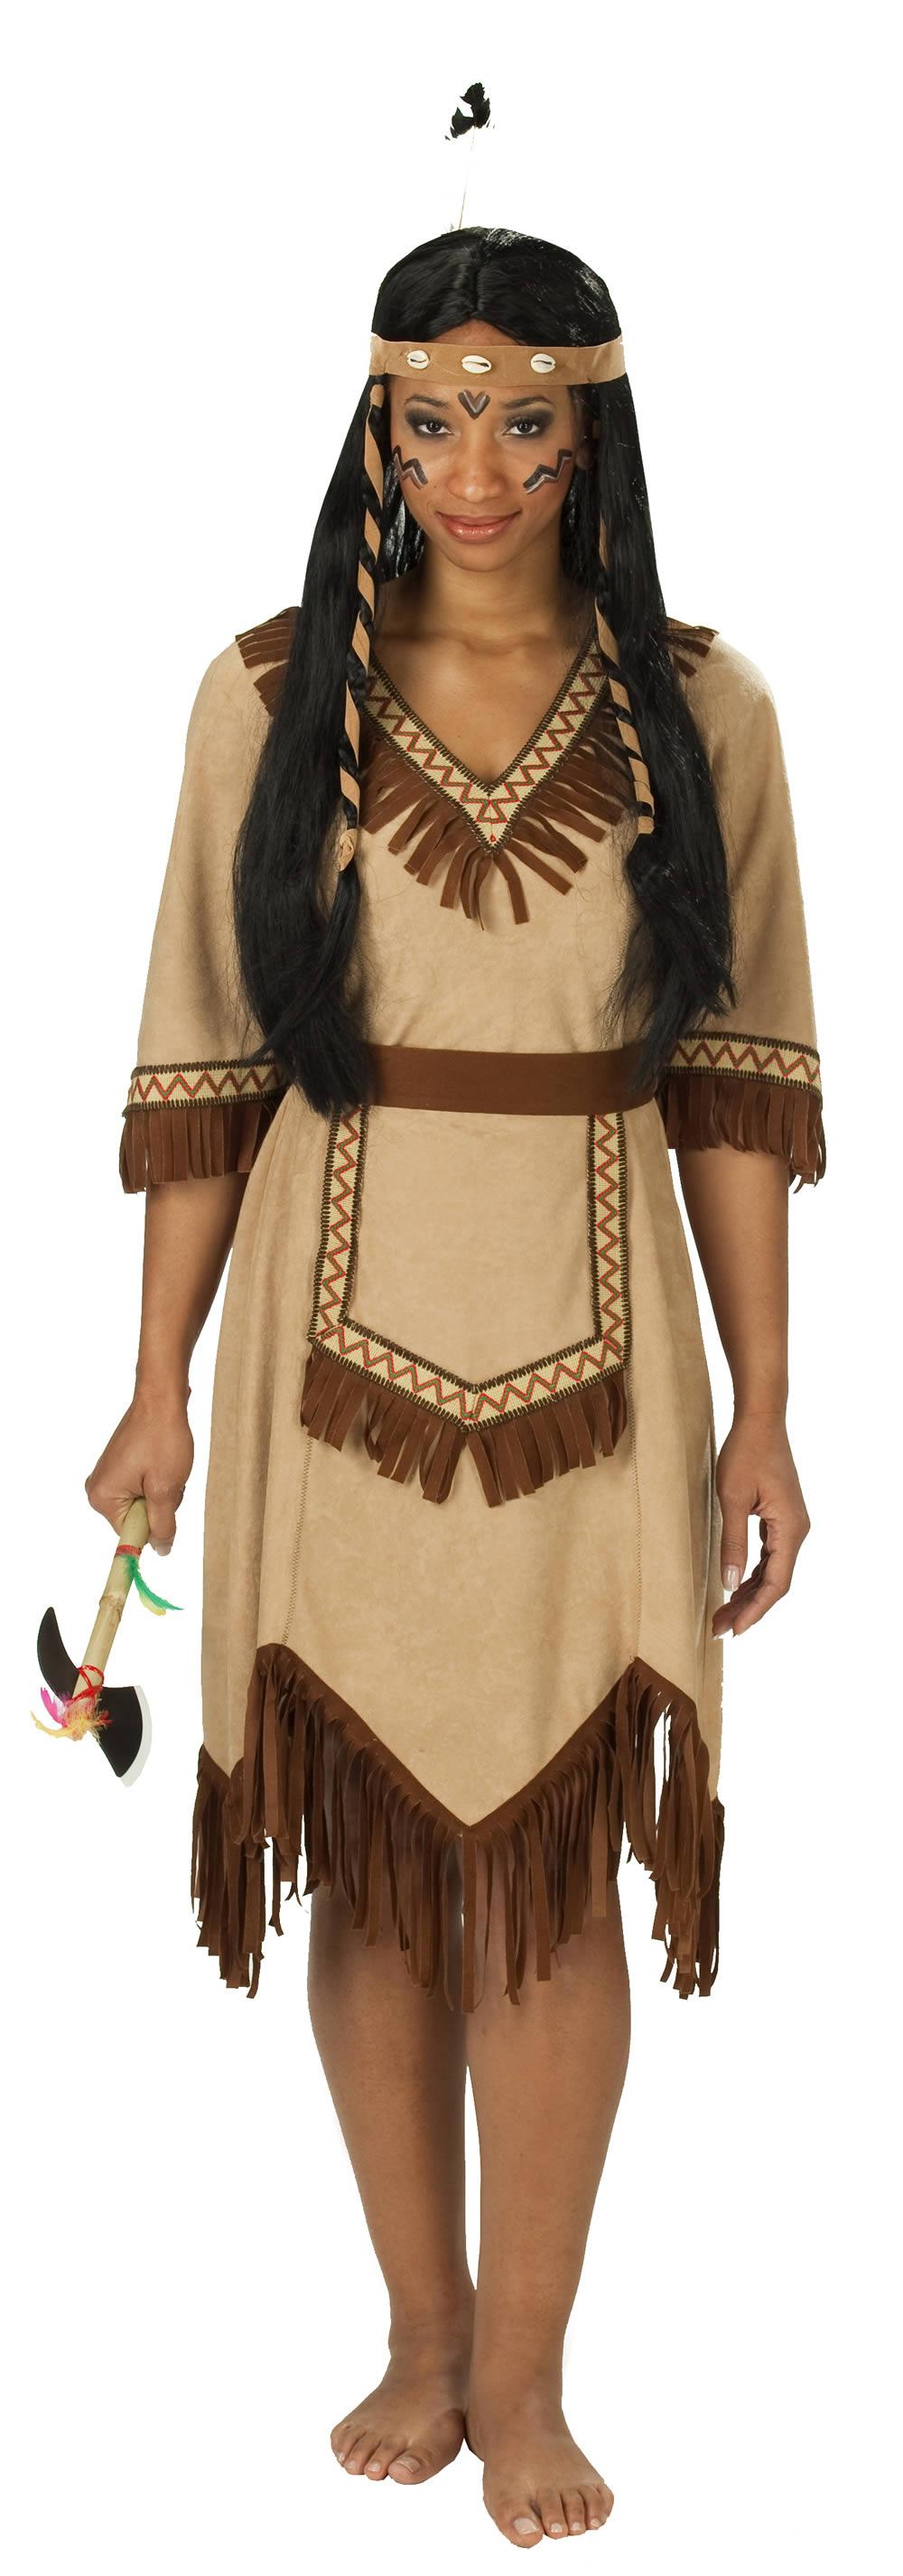 saisonstoffe und artikel f r alle gelegenheiten apachen indianerin online. Black Bedroom Furniture Sets. Home Design Ideas